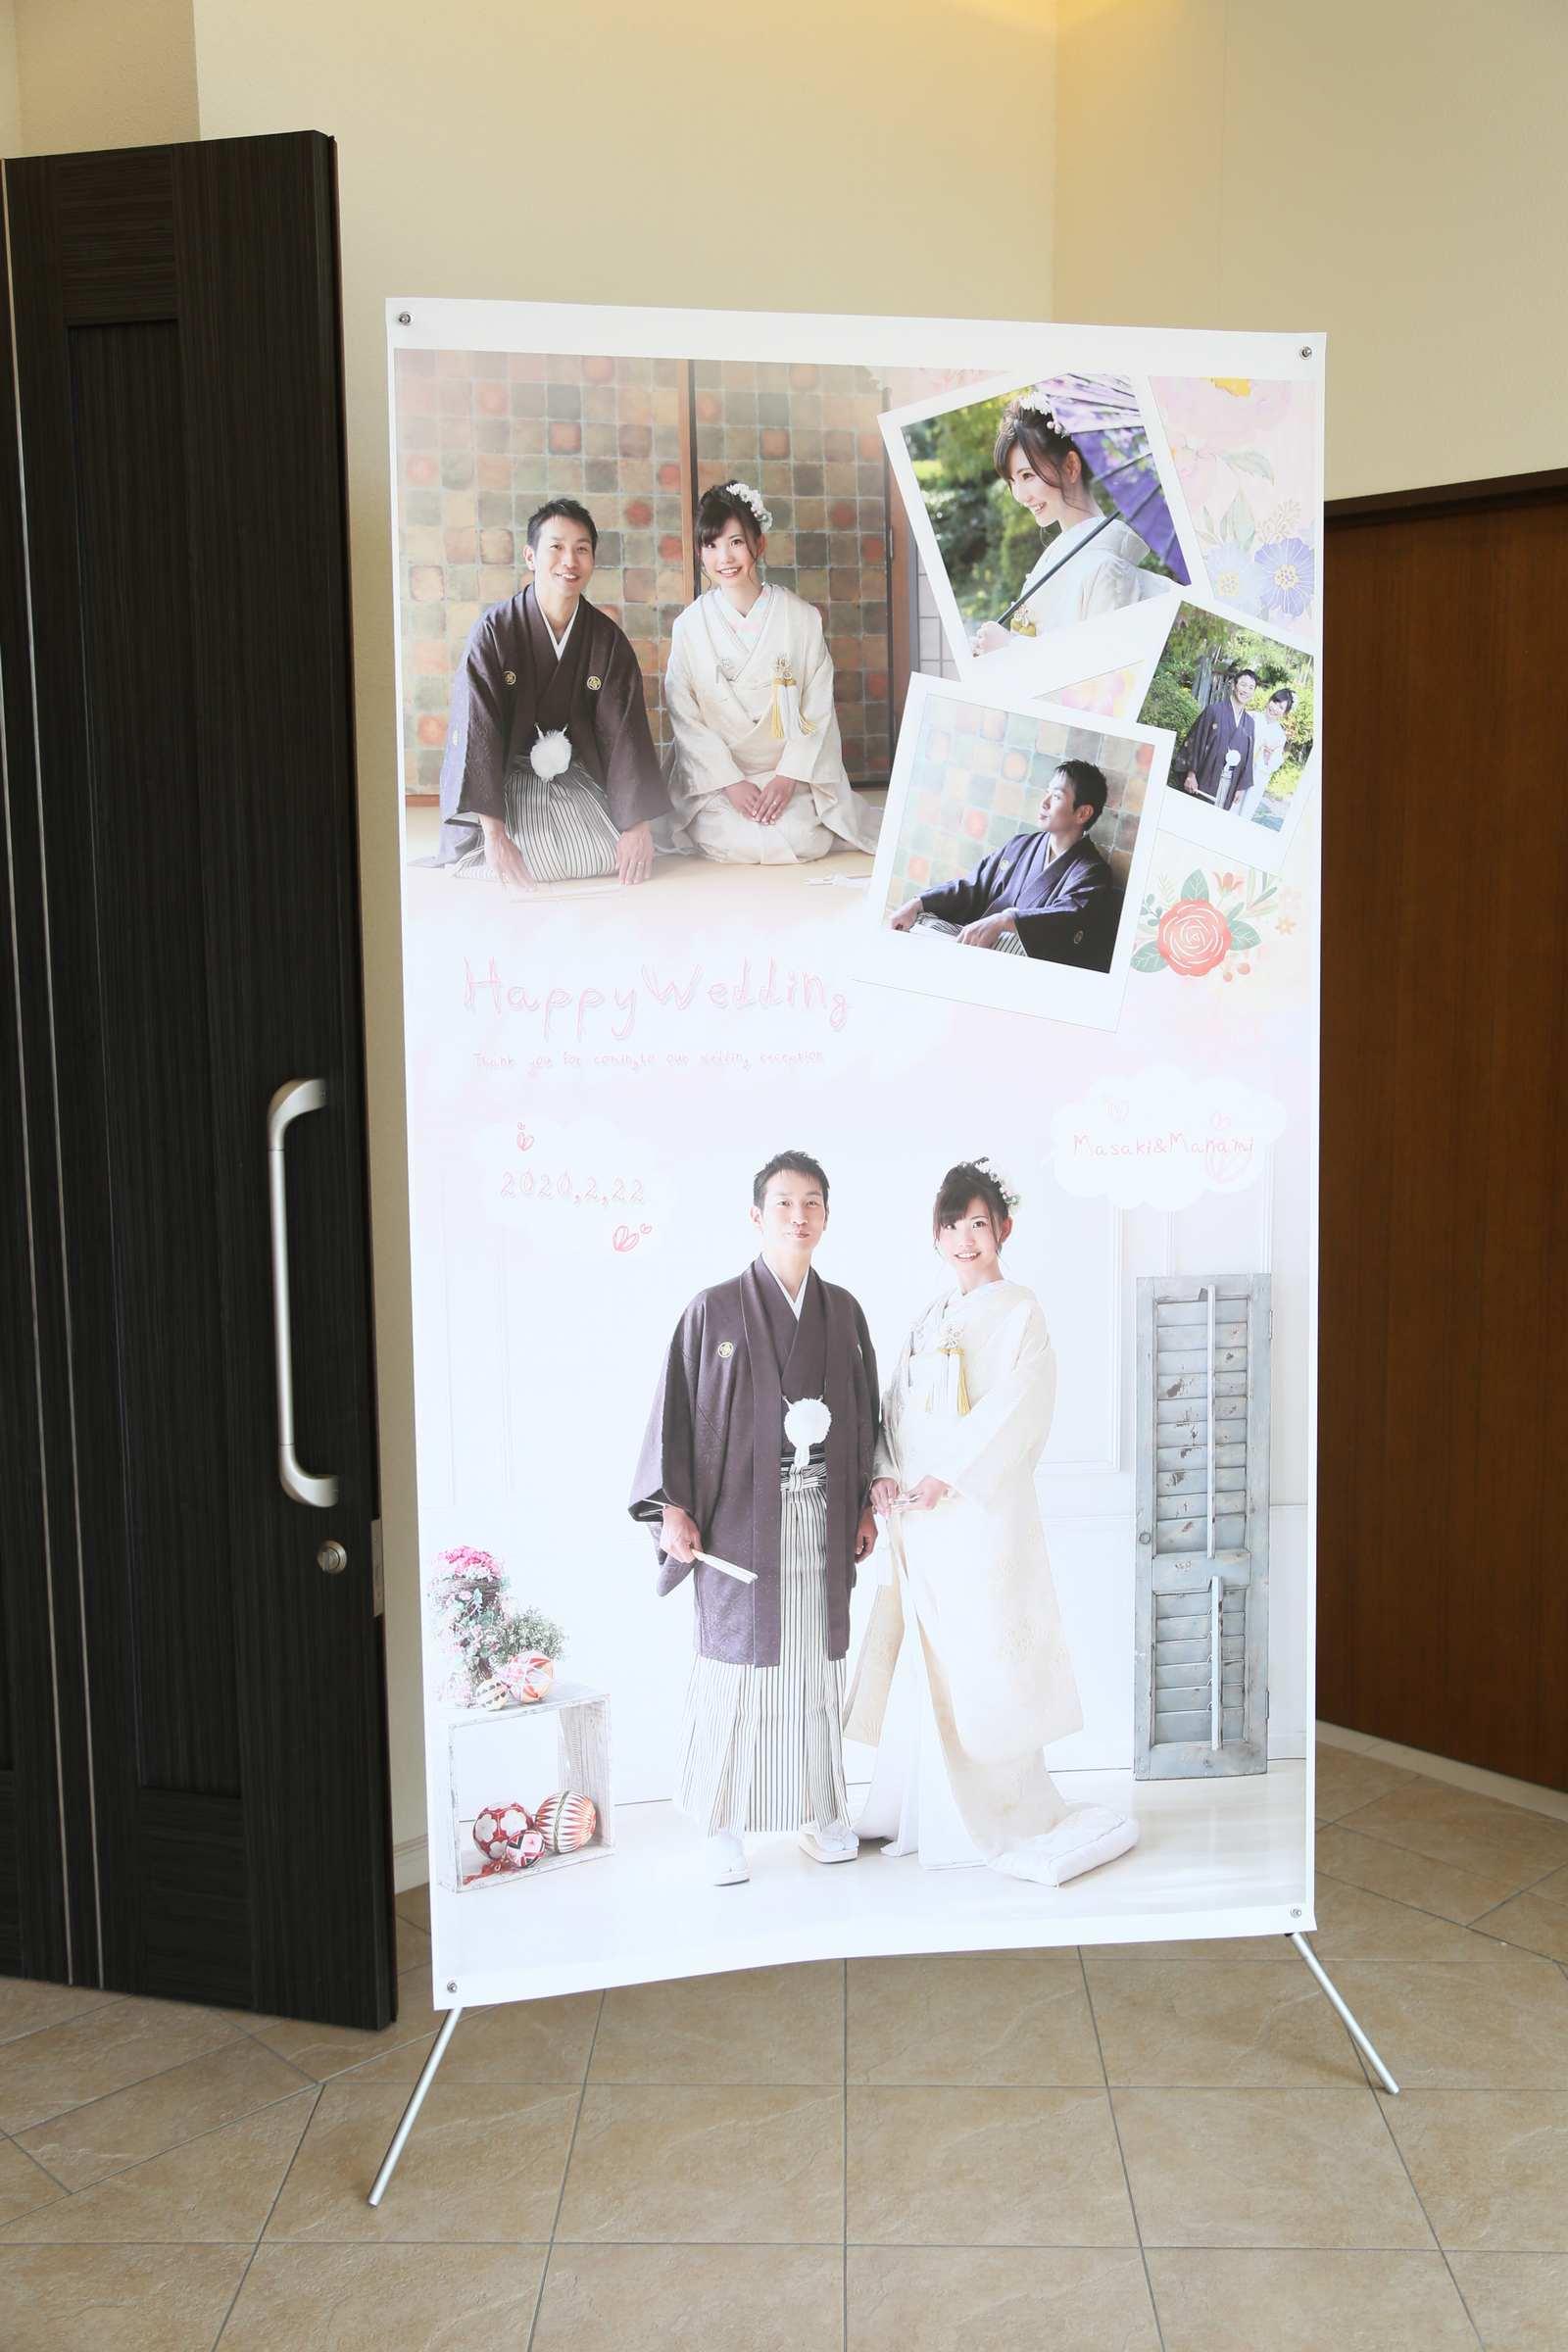 徳島市の結婚式場ブランアンジュで受付に飾ったタペストリー